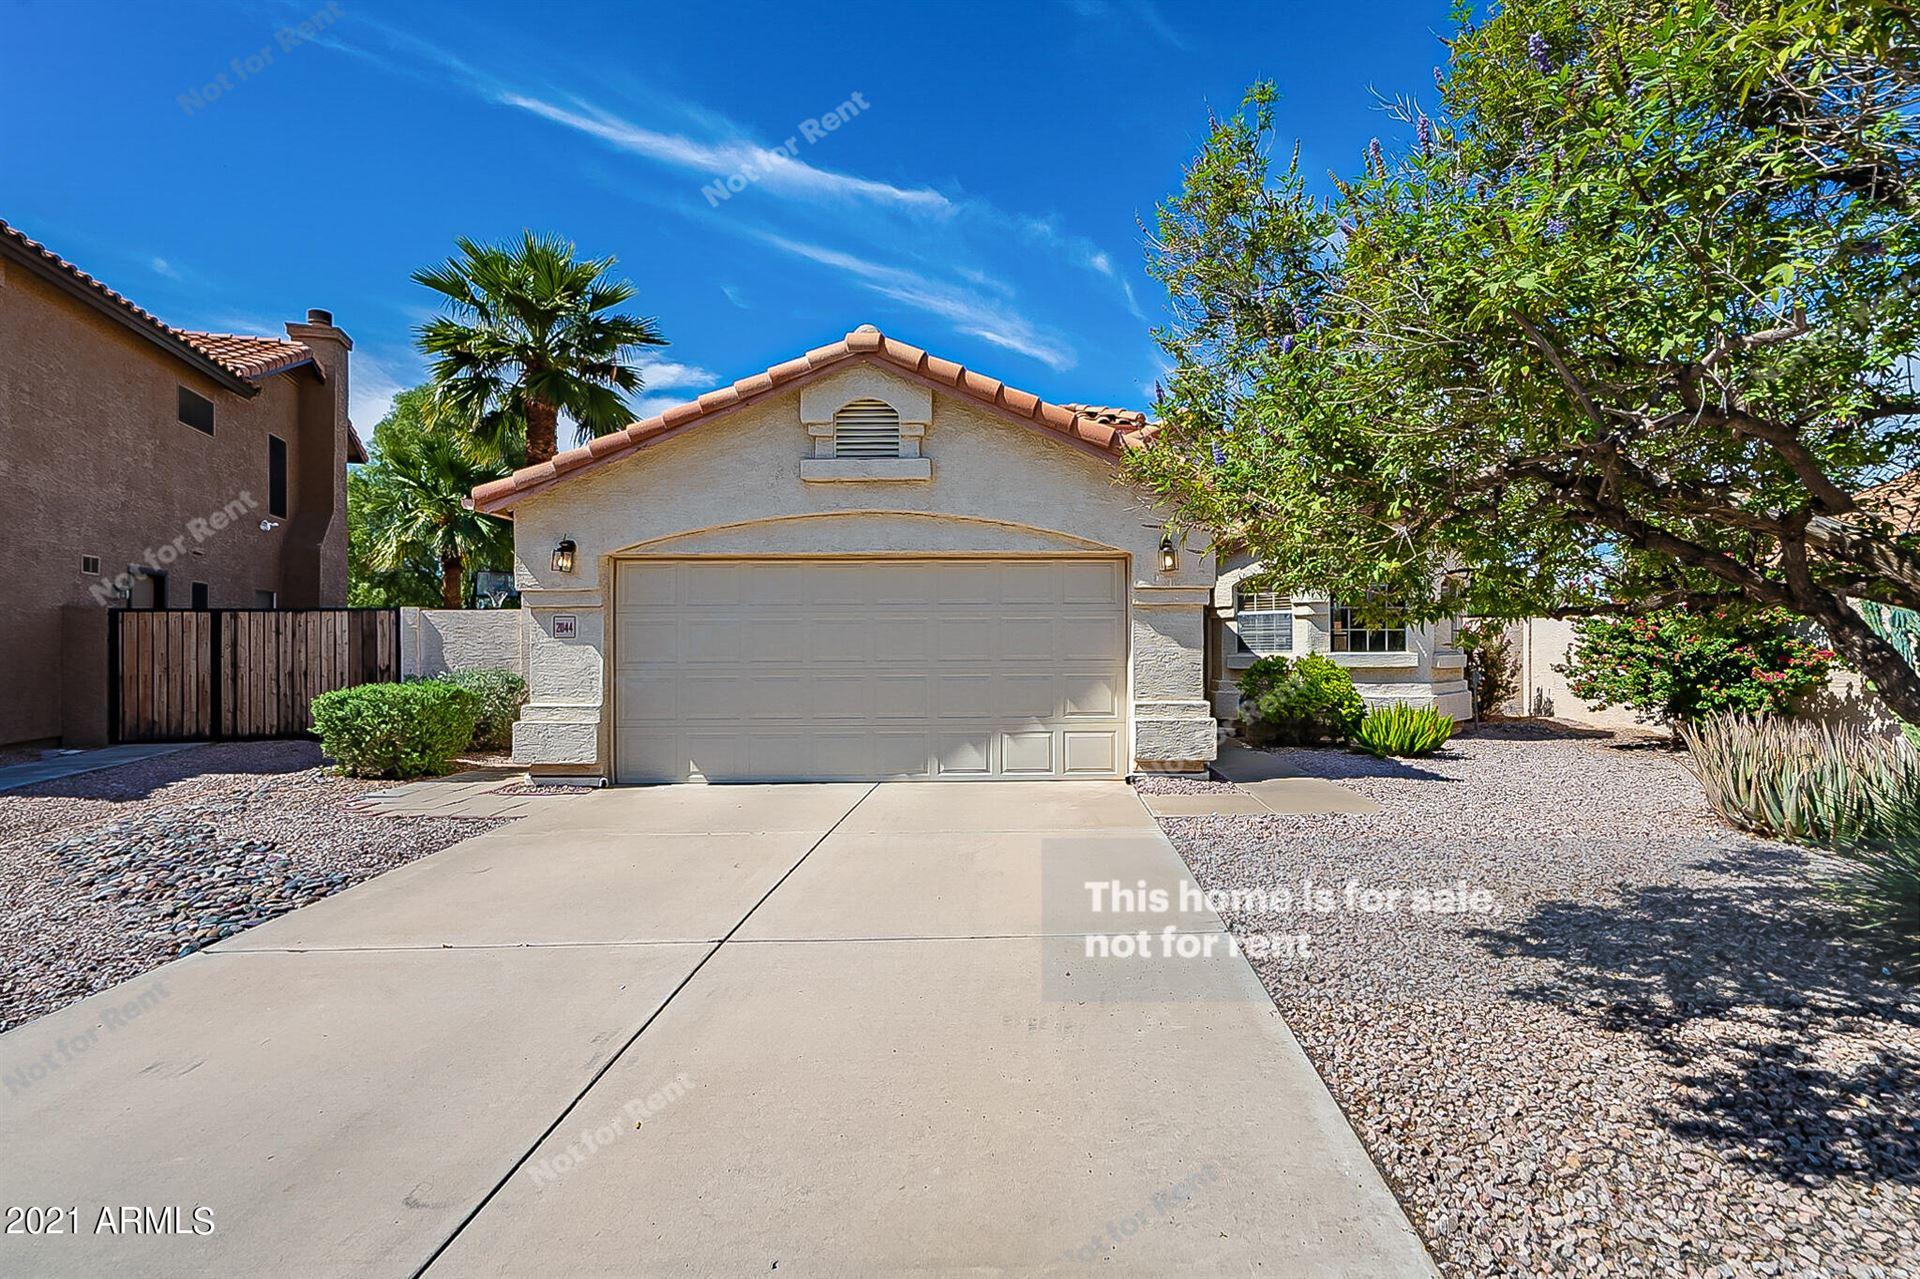 2044 S AVOCA Circle, Mesa, AZ 85209 - #: 6303037